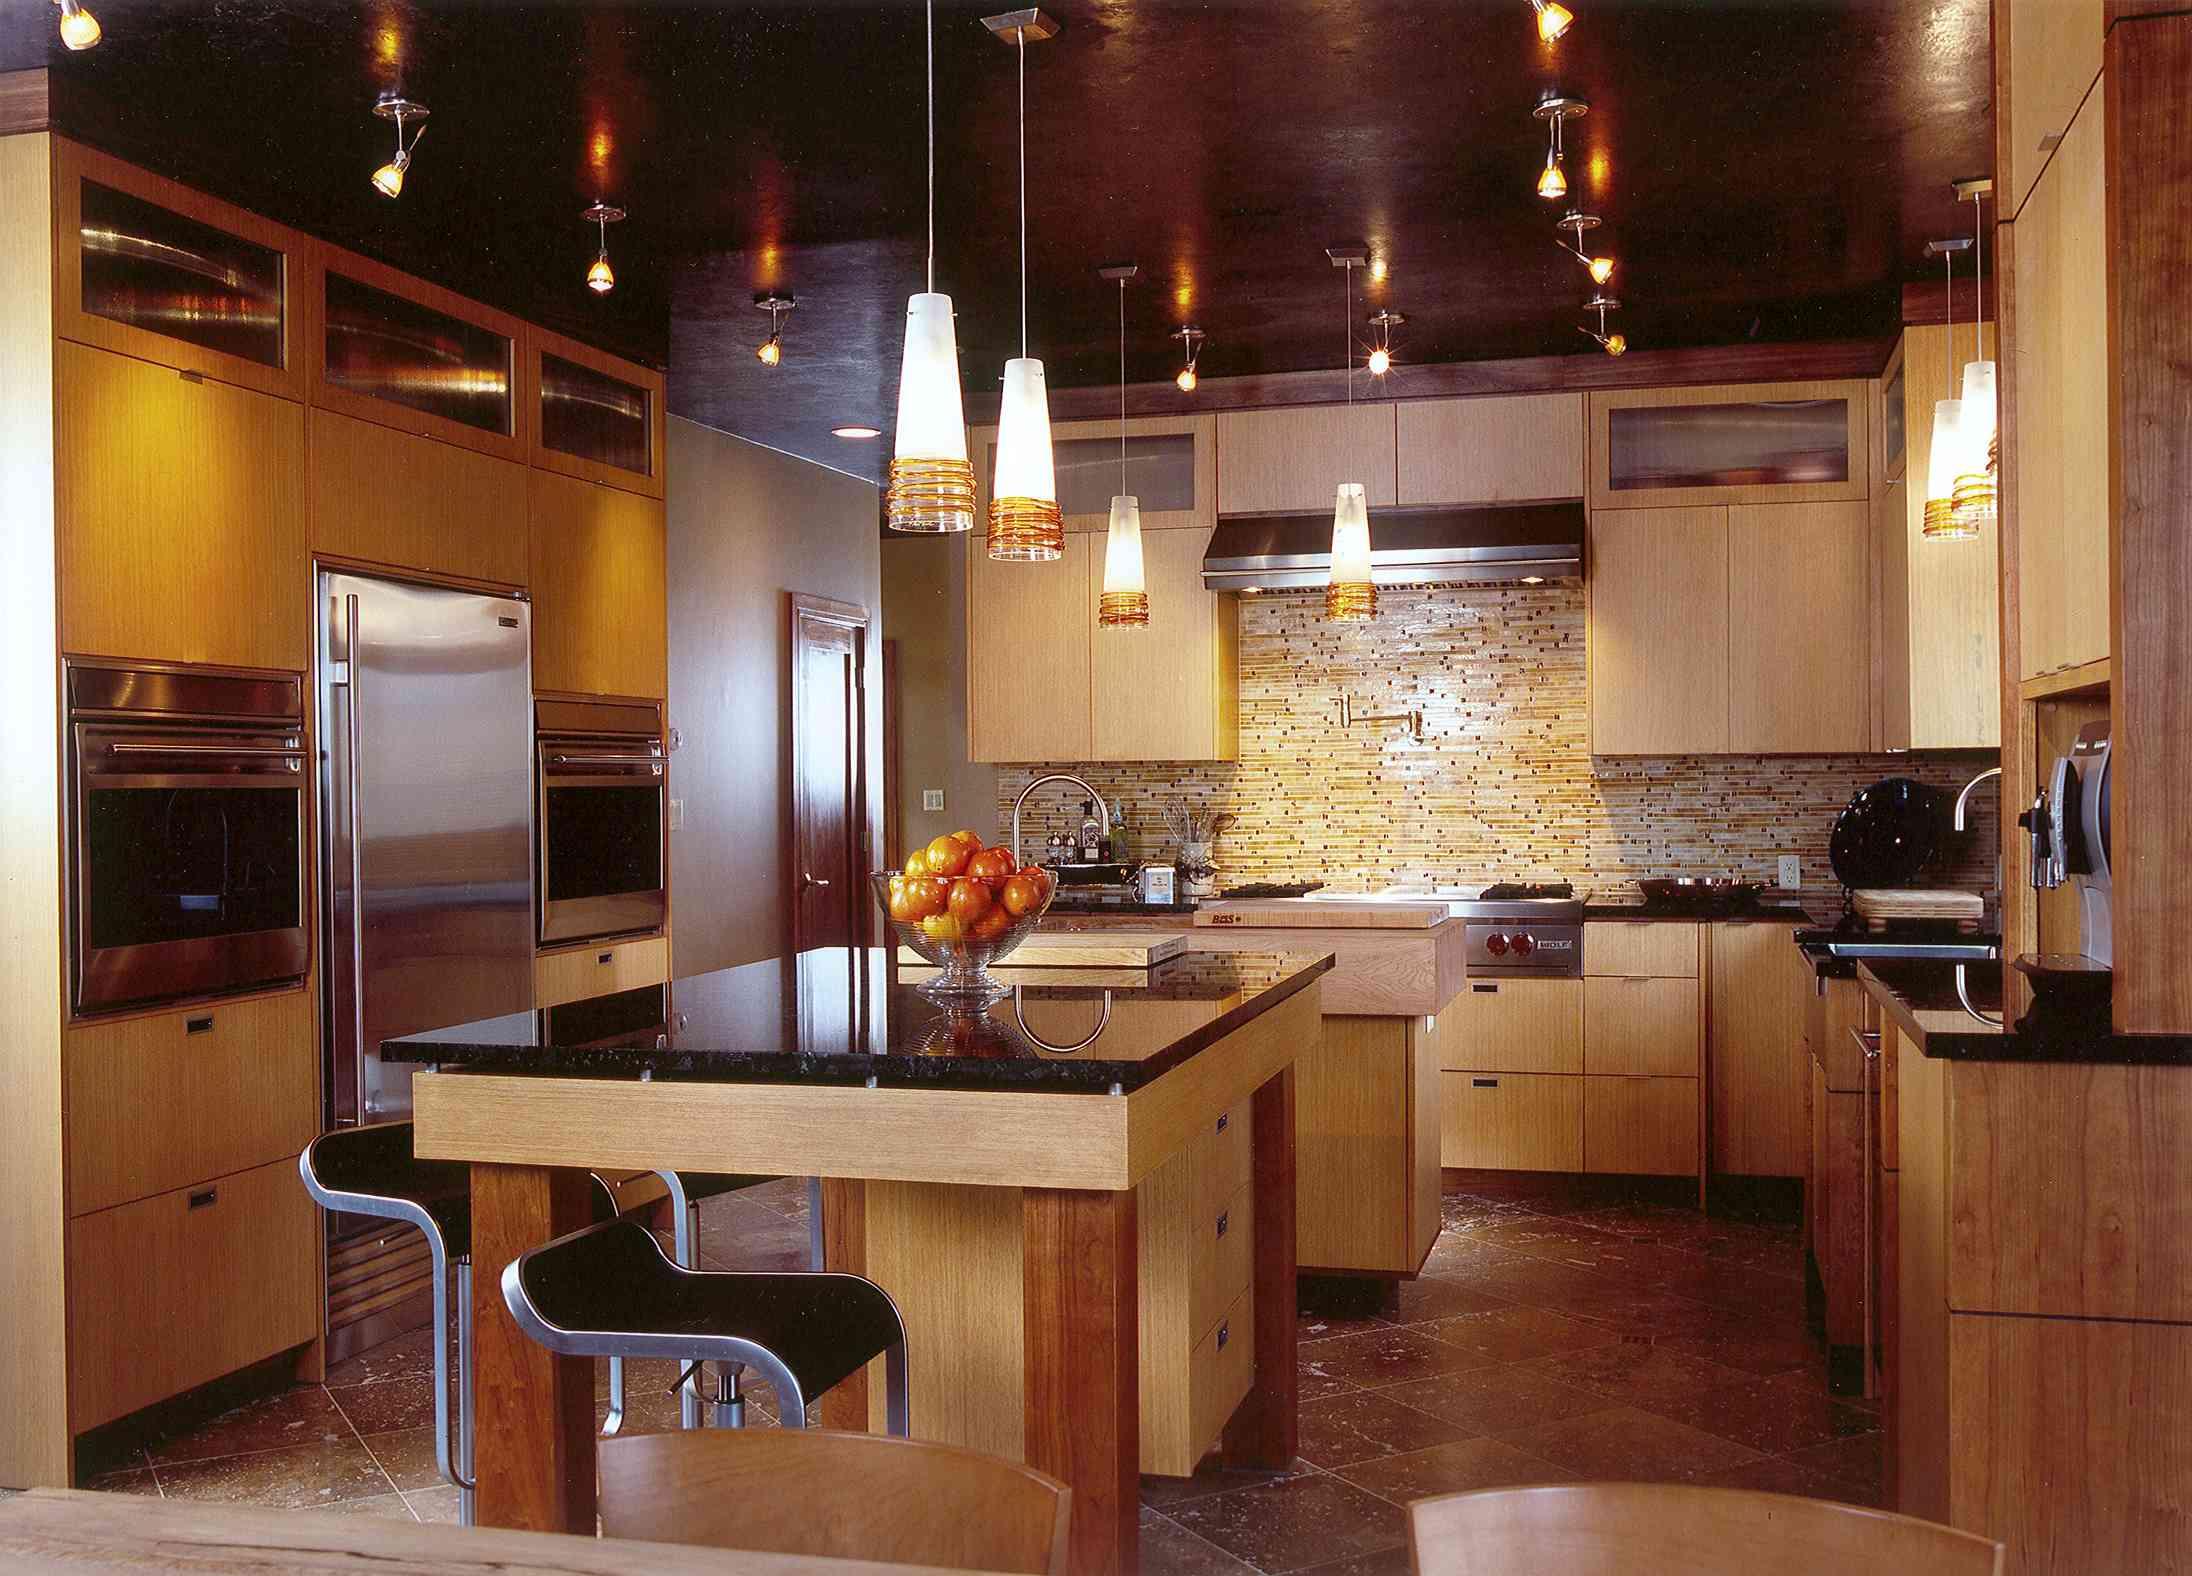 designer ian cairl - regional winner - sub-zero/wolf kitchen design